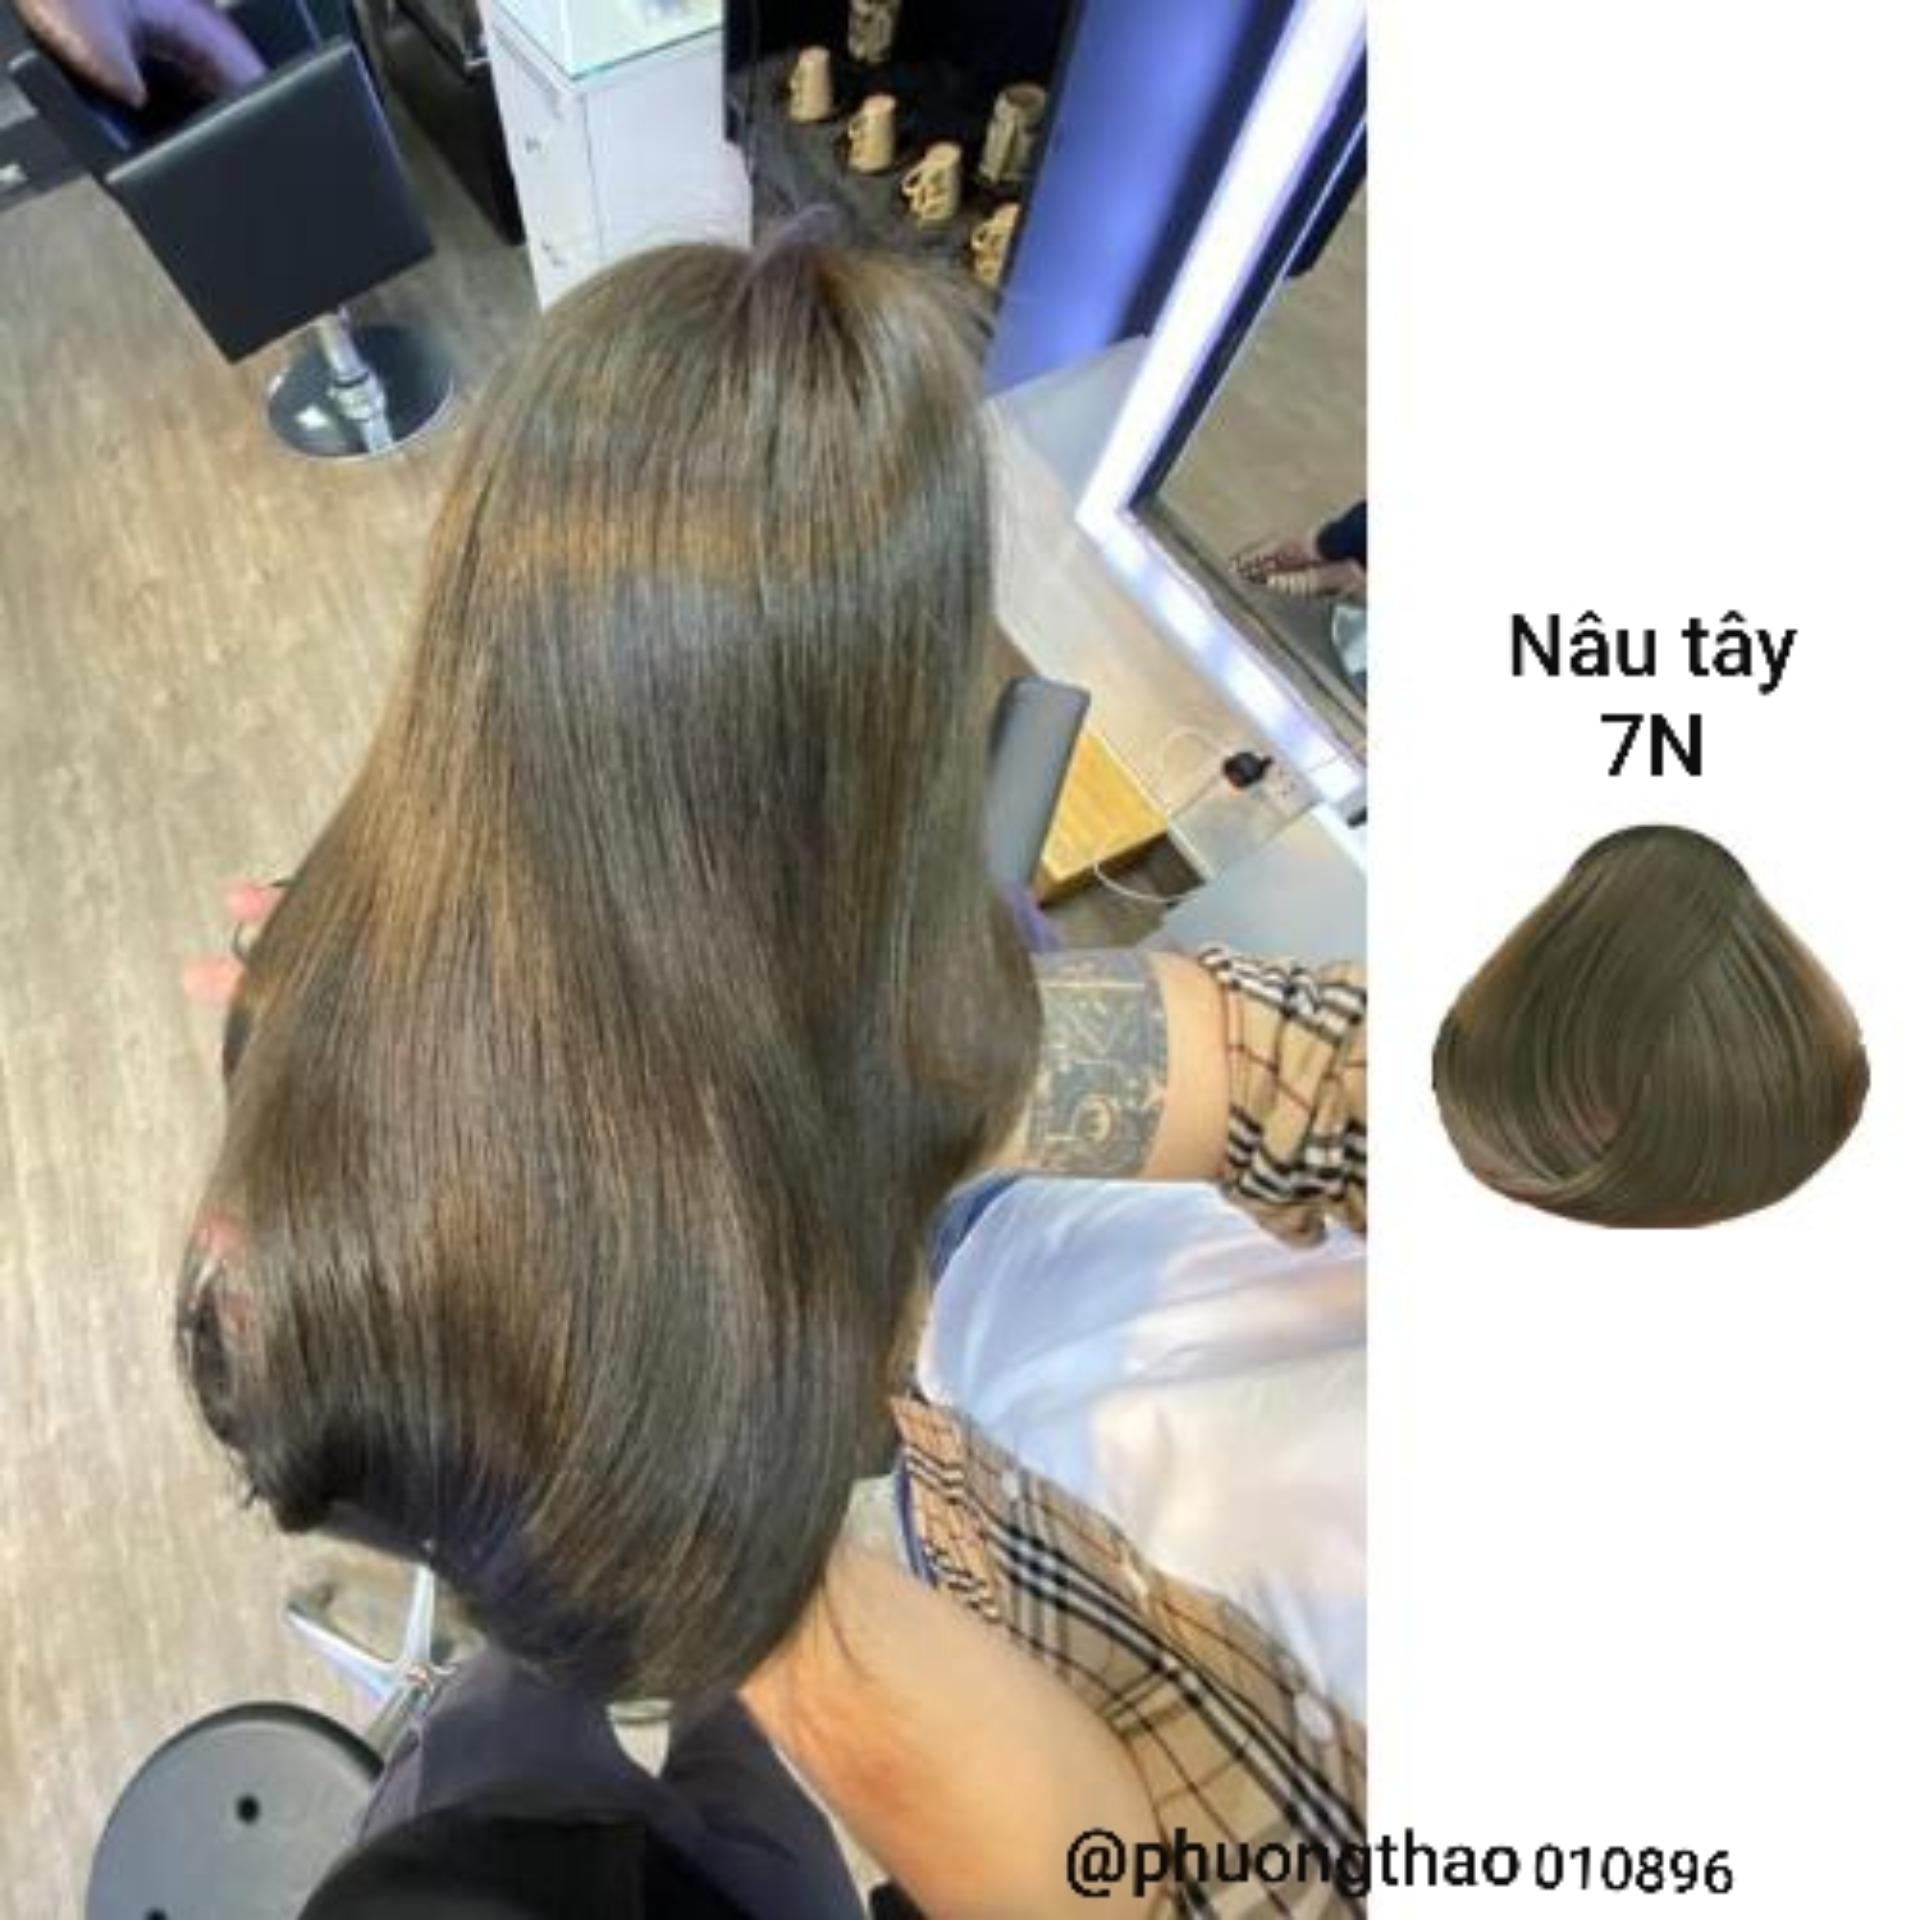 Thuốc nhuộm tóc màu nâu tây ánh rêu (7N) KHÔNG TẨY + TẶNG kèm trợ nhuộm cao cấp